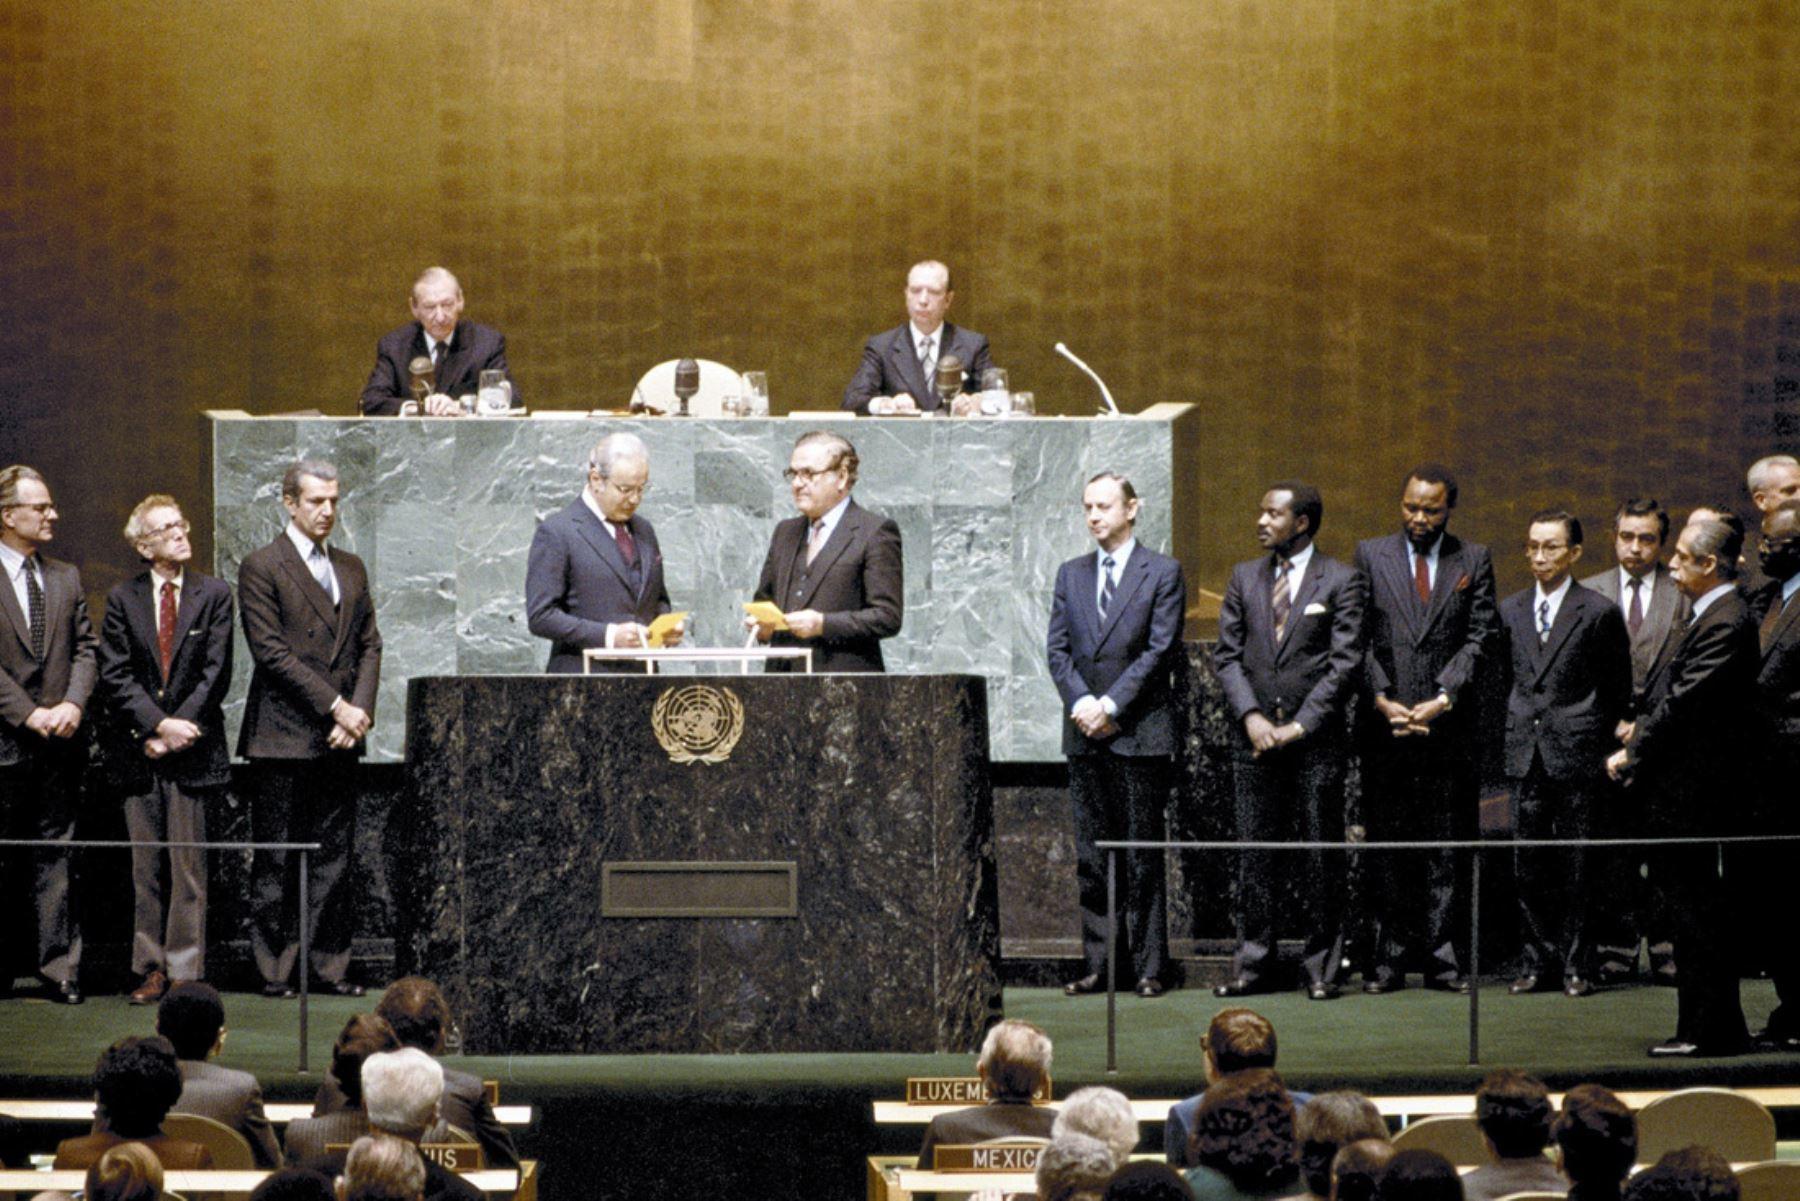 Naciones Unidas, Nueva York - 15 diciembre 1981 / Ismat T. Kittani (Iraq), Presidente del trigésimo sexto período de sesiones de la Asamblea General, toma juramento al embajador peruano Javier Pérez de Cuéllar como nuevo secretario general de las Naciones Unidas. Foto: Naciones Unidas